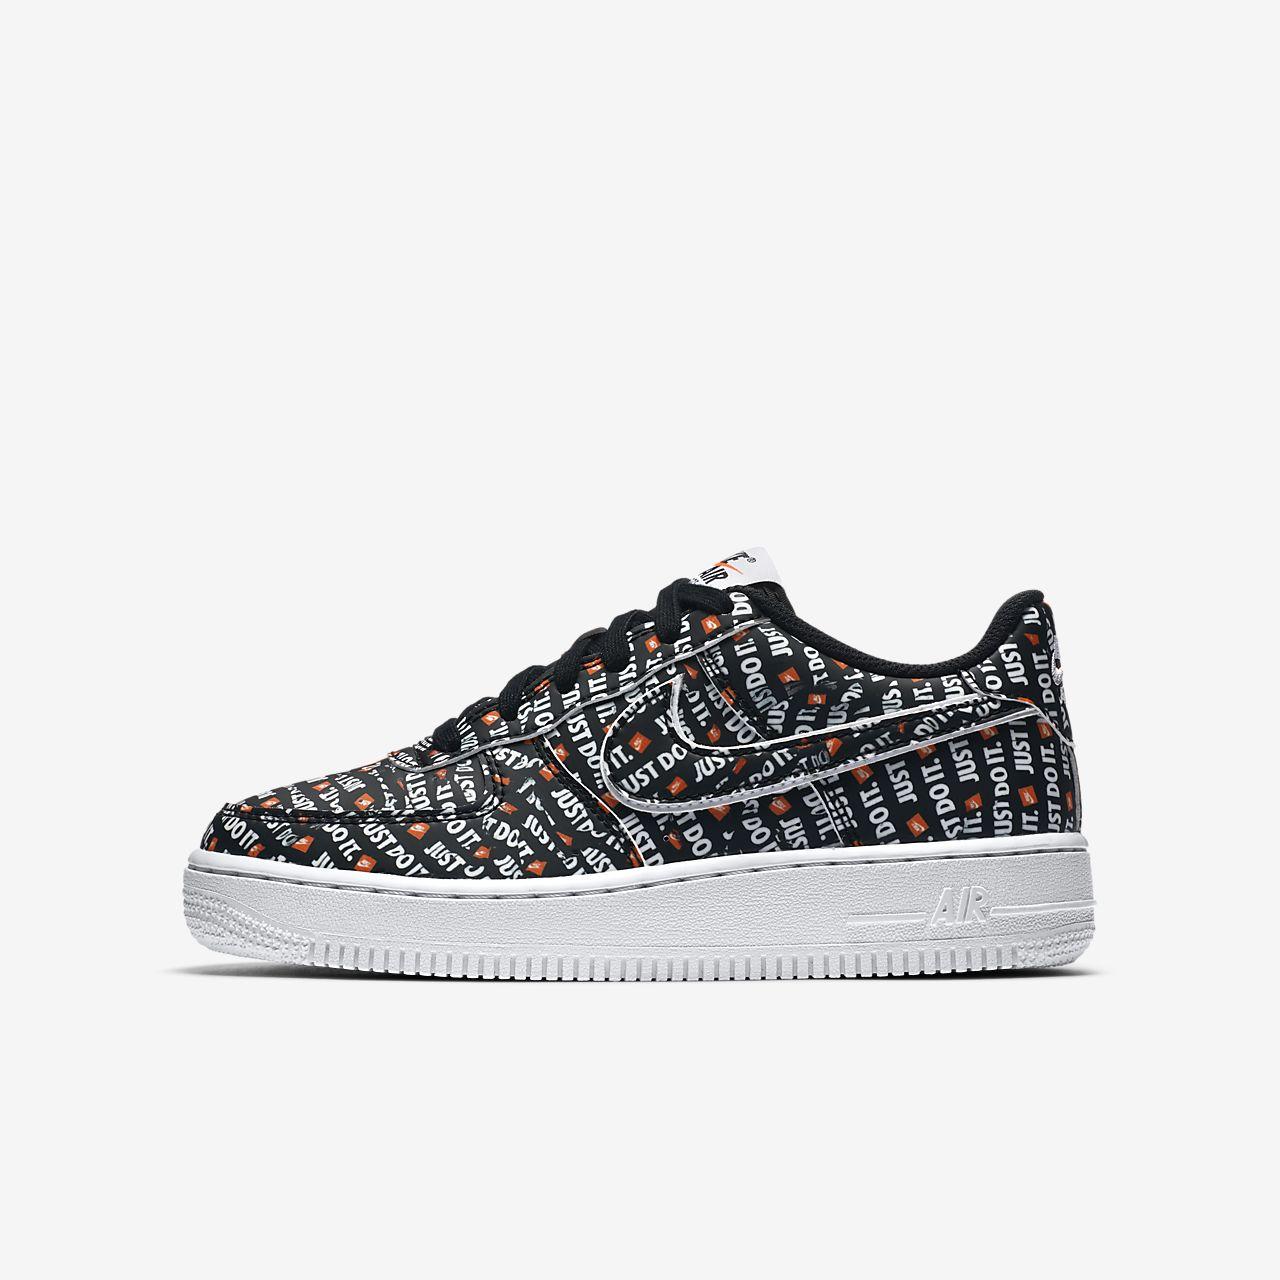 promo code e6a69 7e13a calzado-talla-grande-air-force-1-just-do-it-premium-RmM6FD.jpg